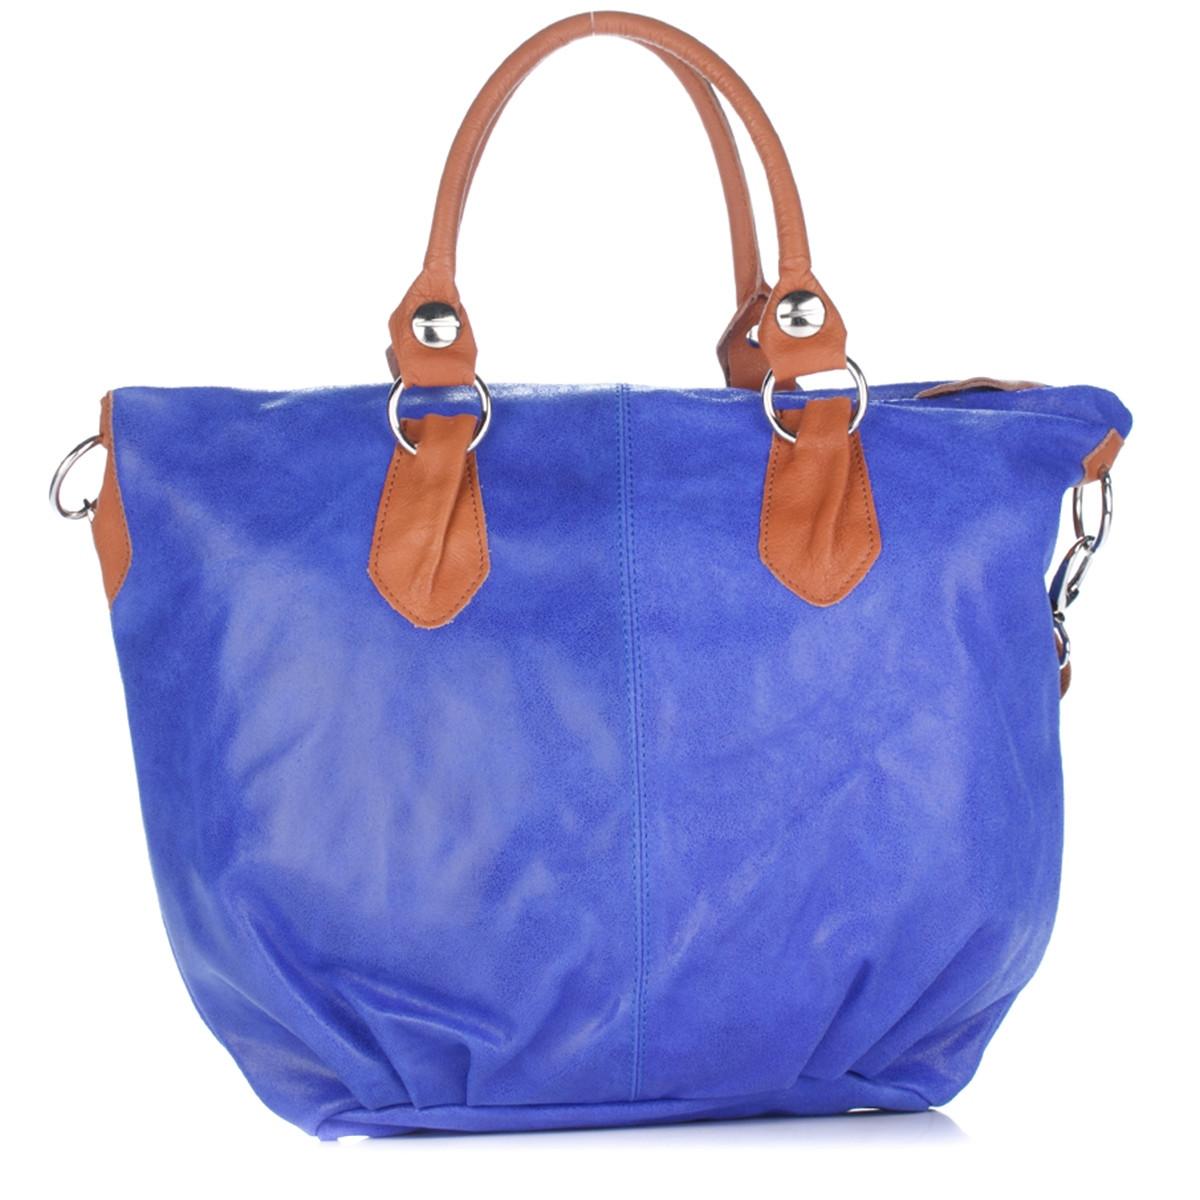 Женская кожаная сумка 2057 синего цвета Италия